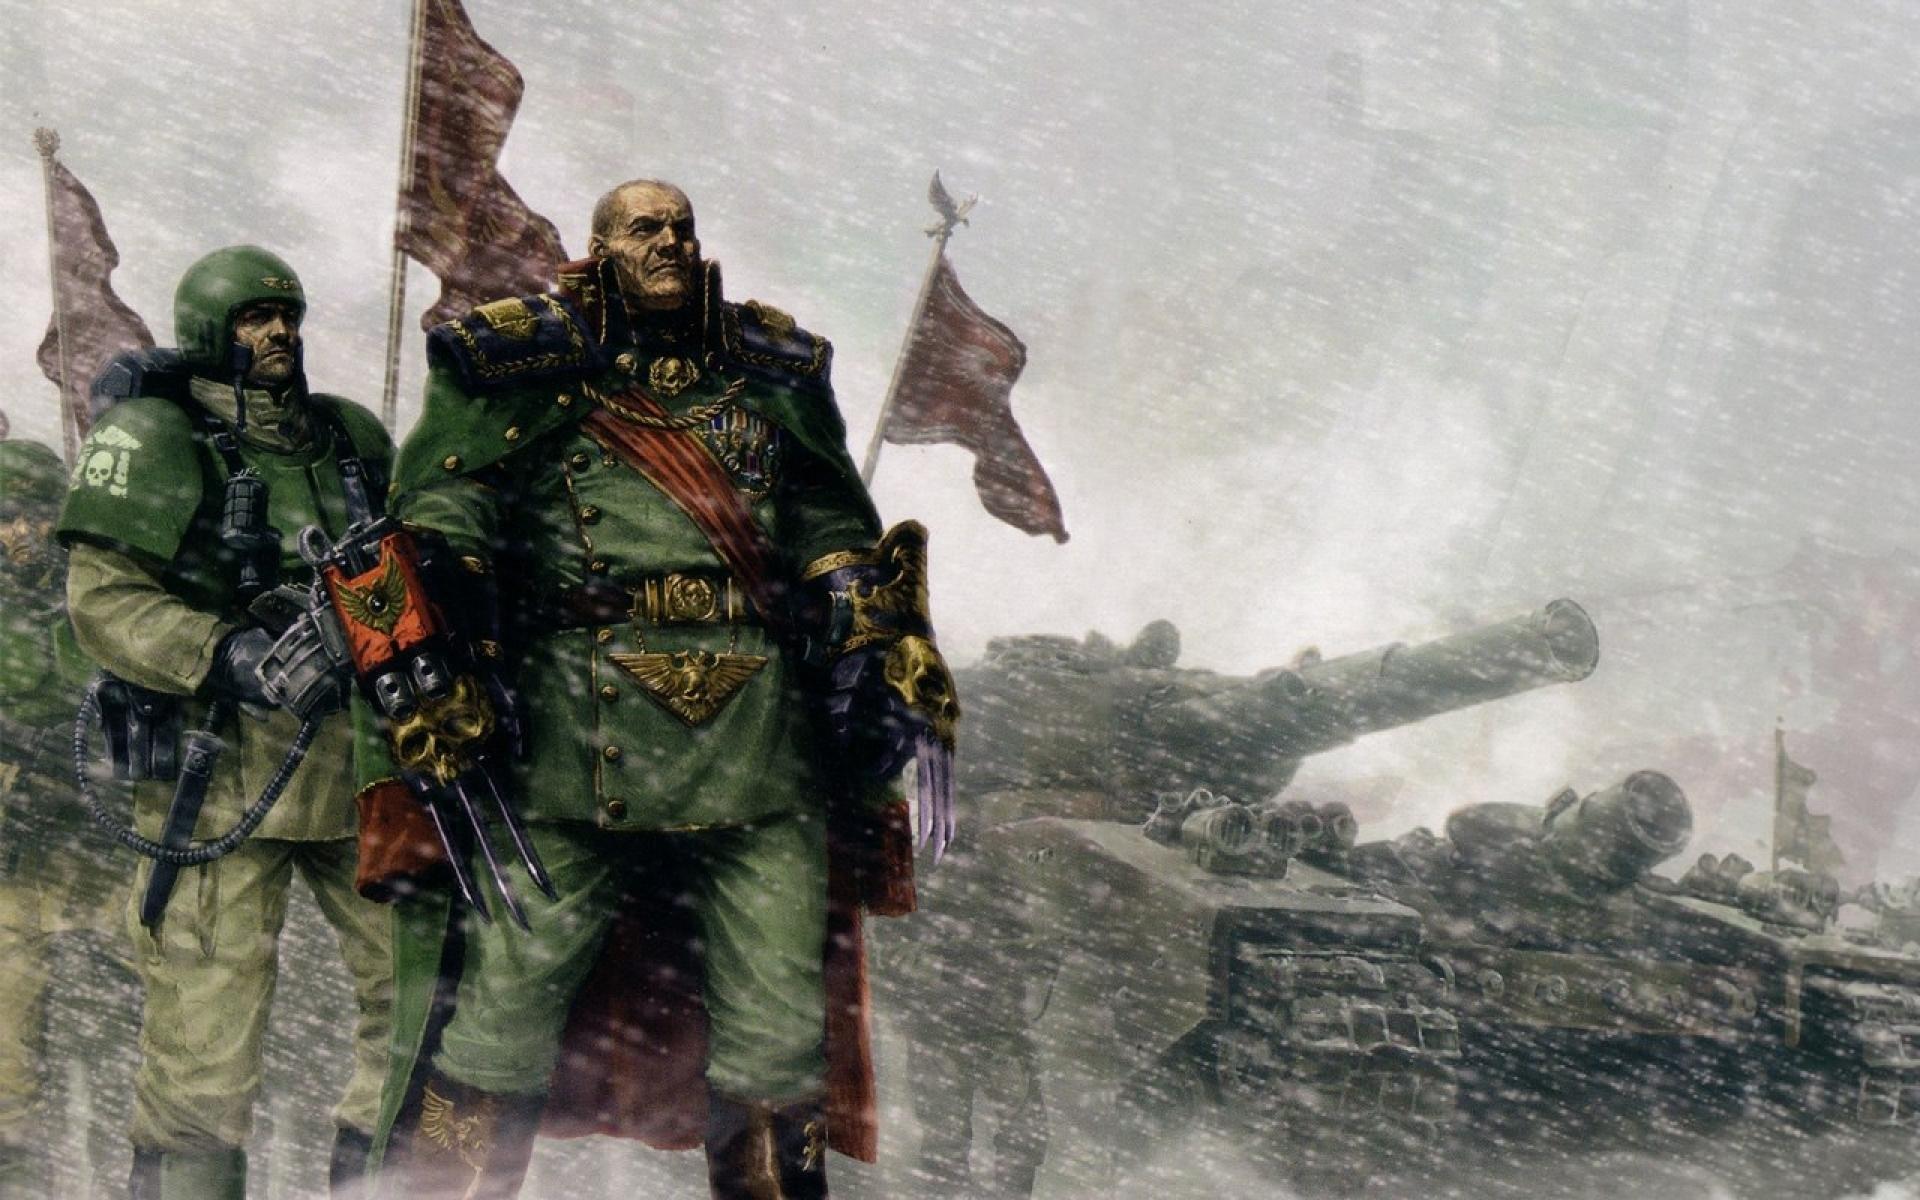 Imperial Guard Warhammer Wallpaper » WallDevil – Best free HD desktop .